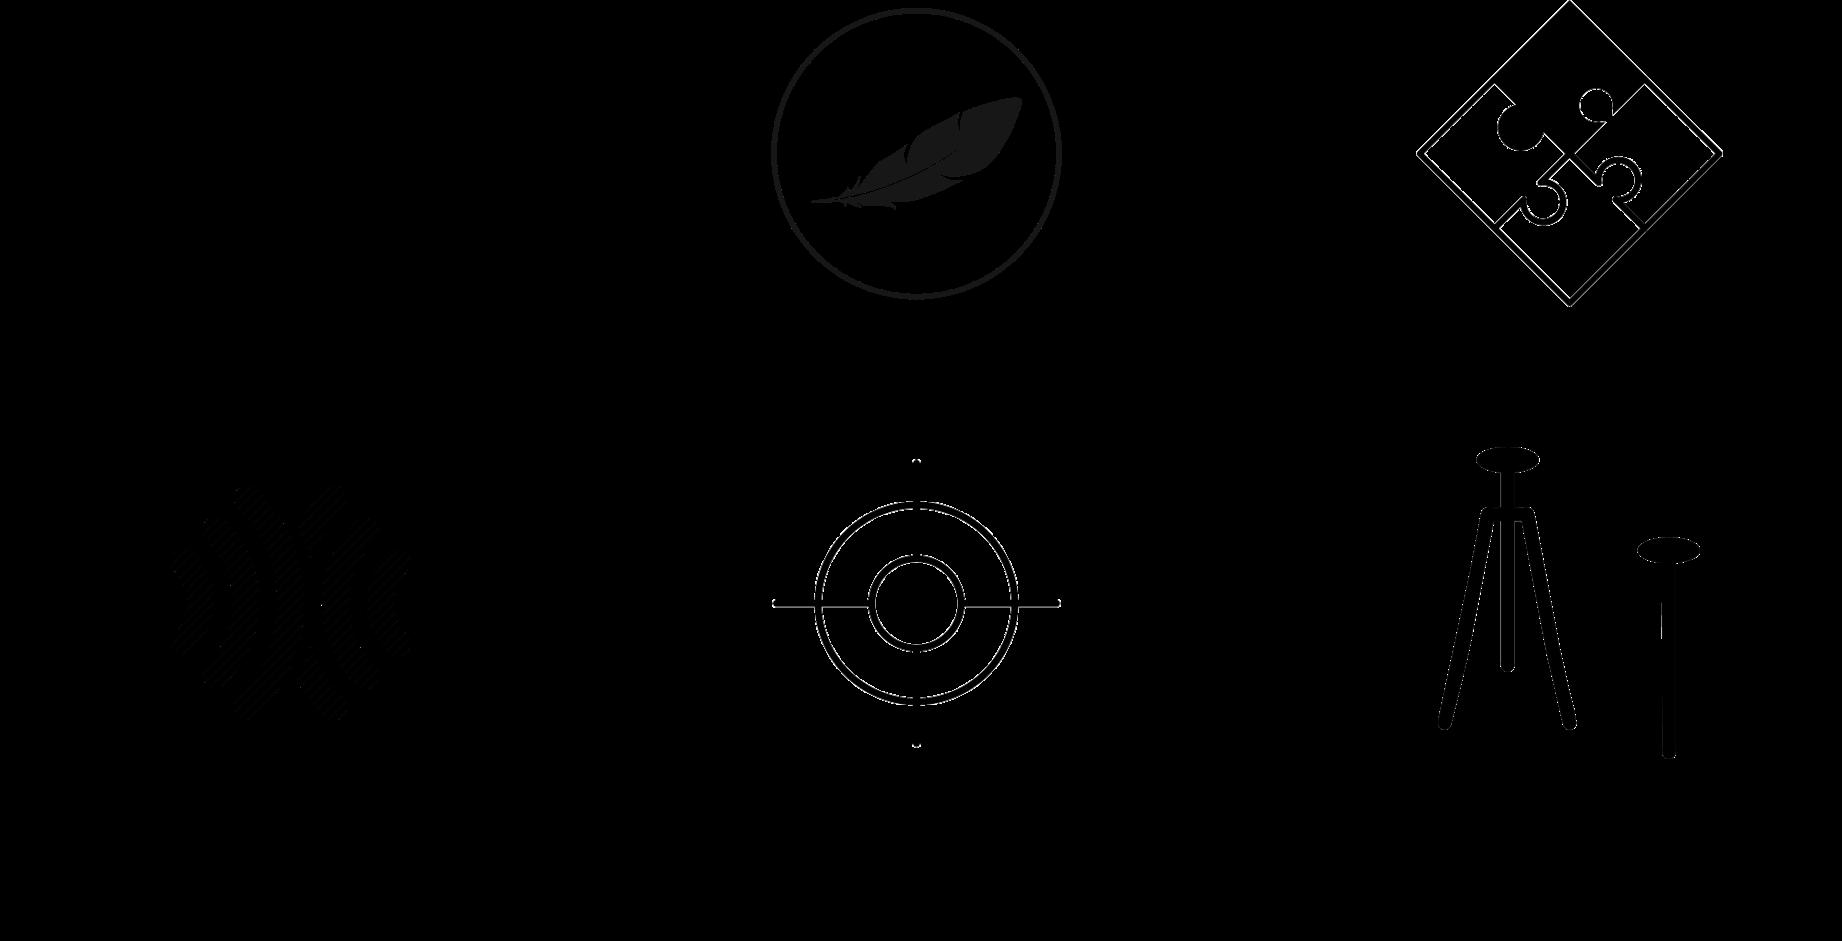 Altus NR3 Septentrio GNSS receiver